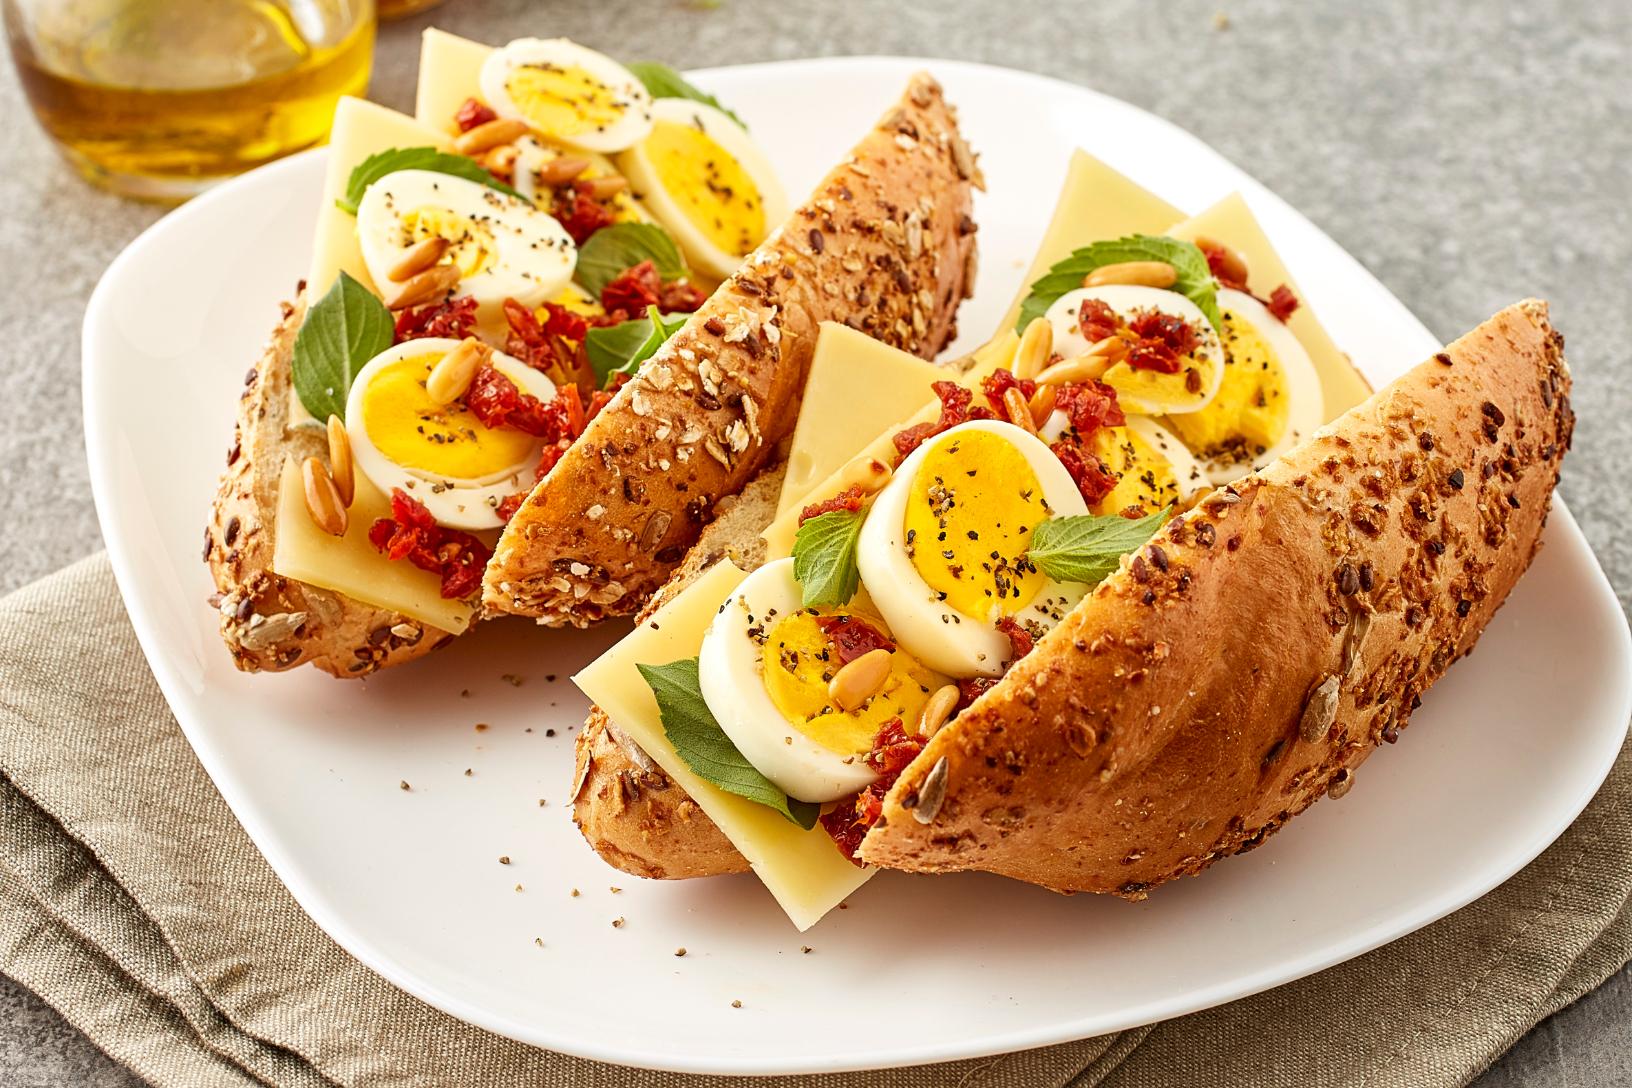 البيضة الدسمة وخبز الجبن الفرنسي